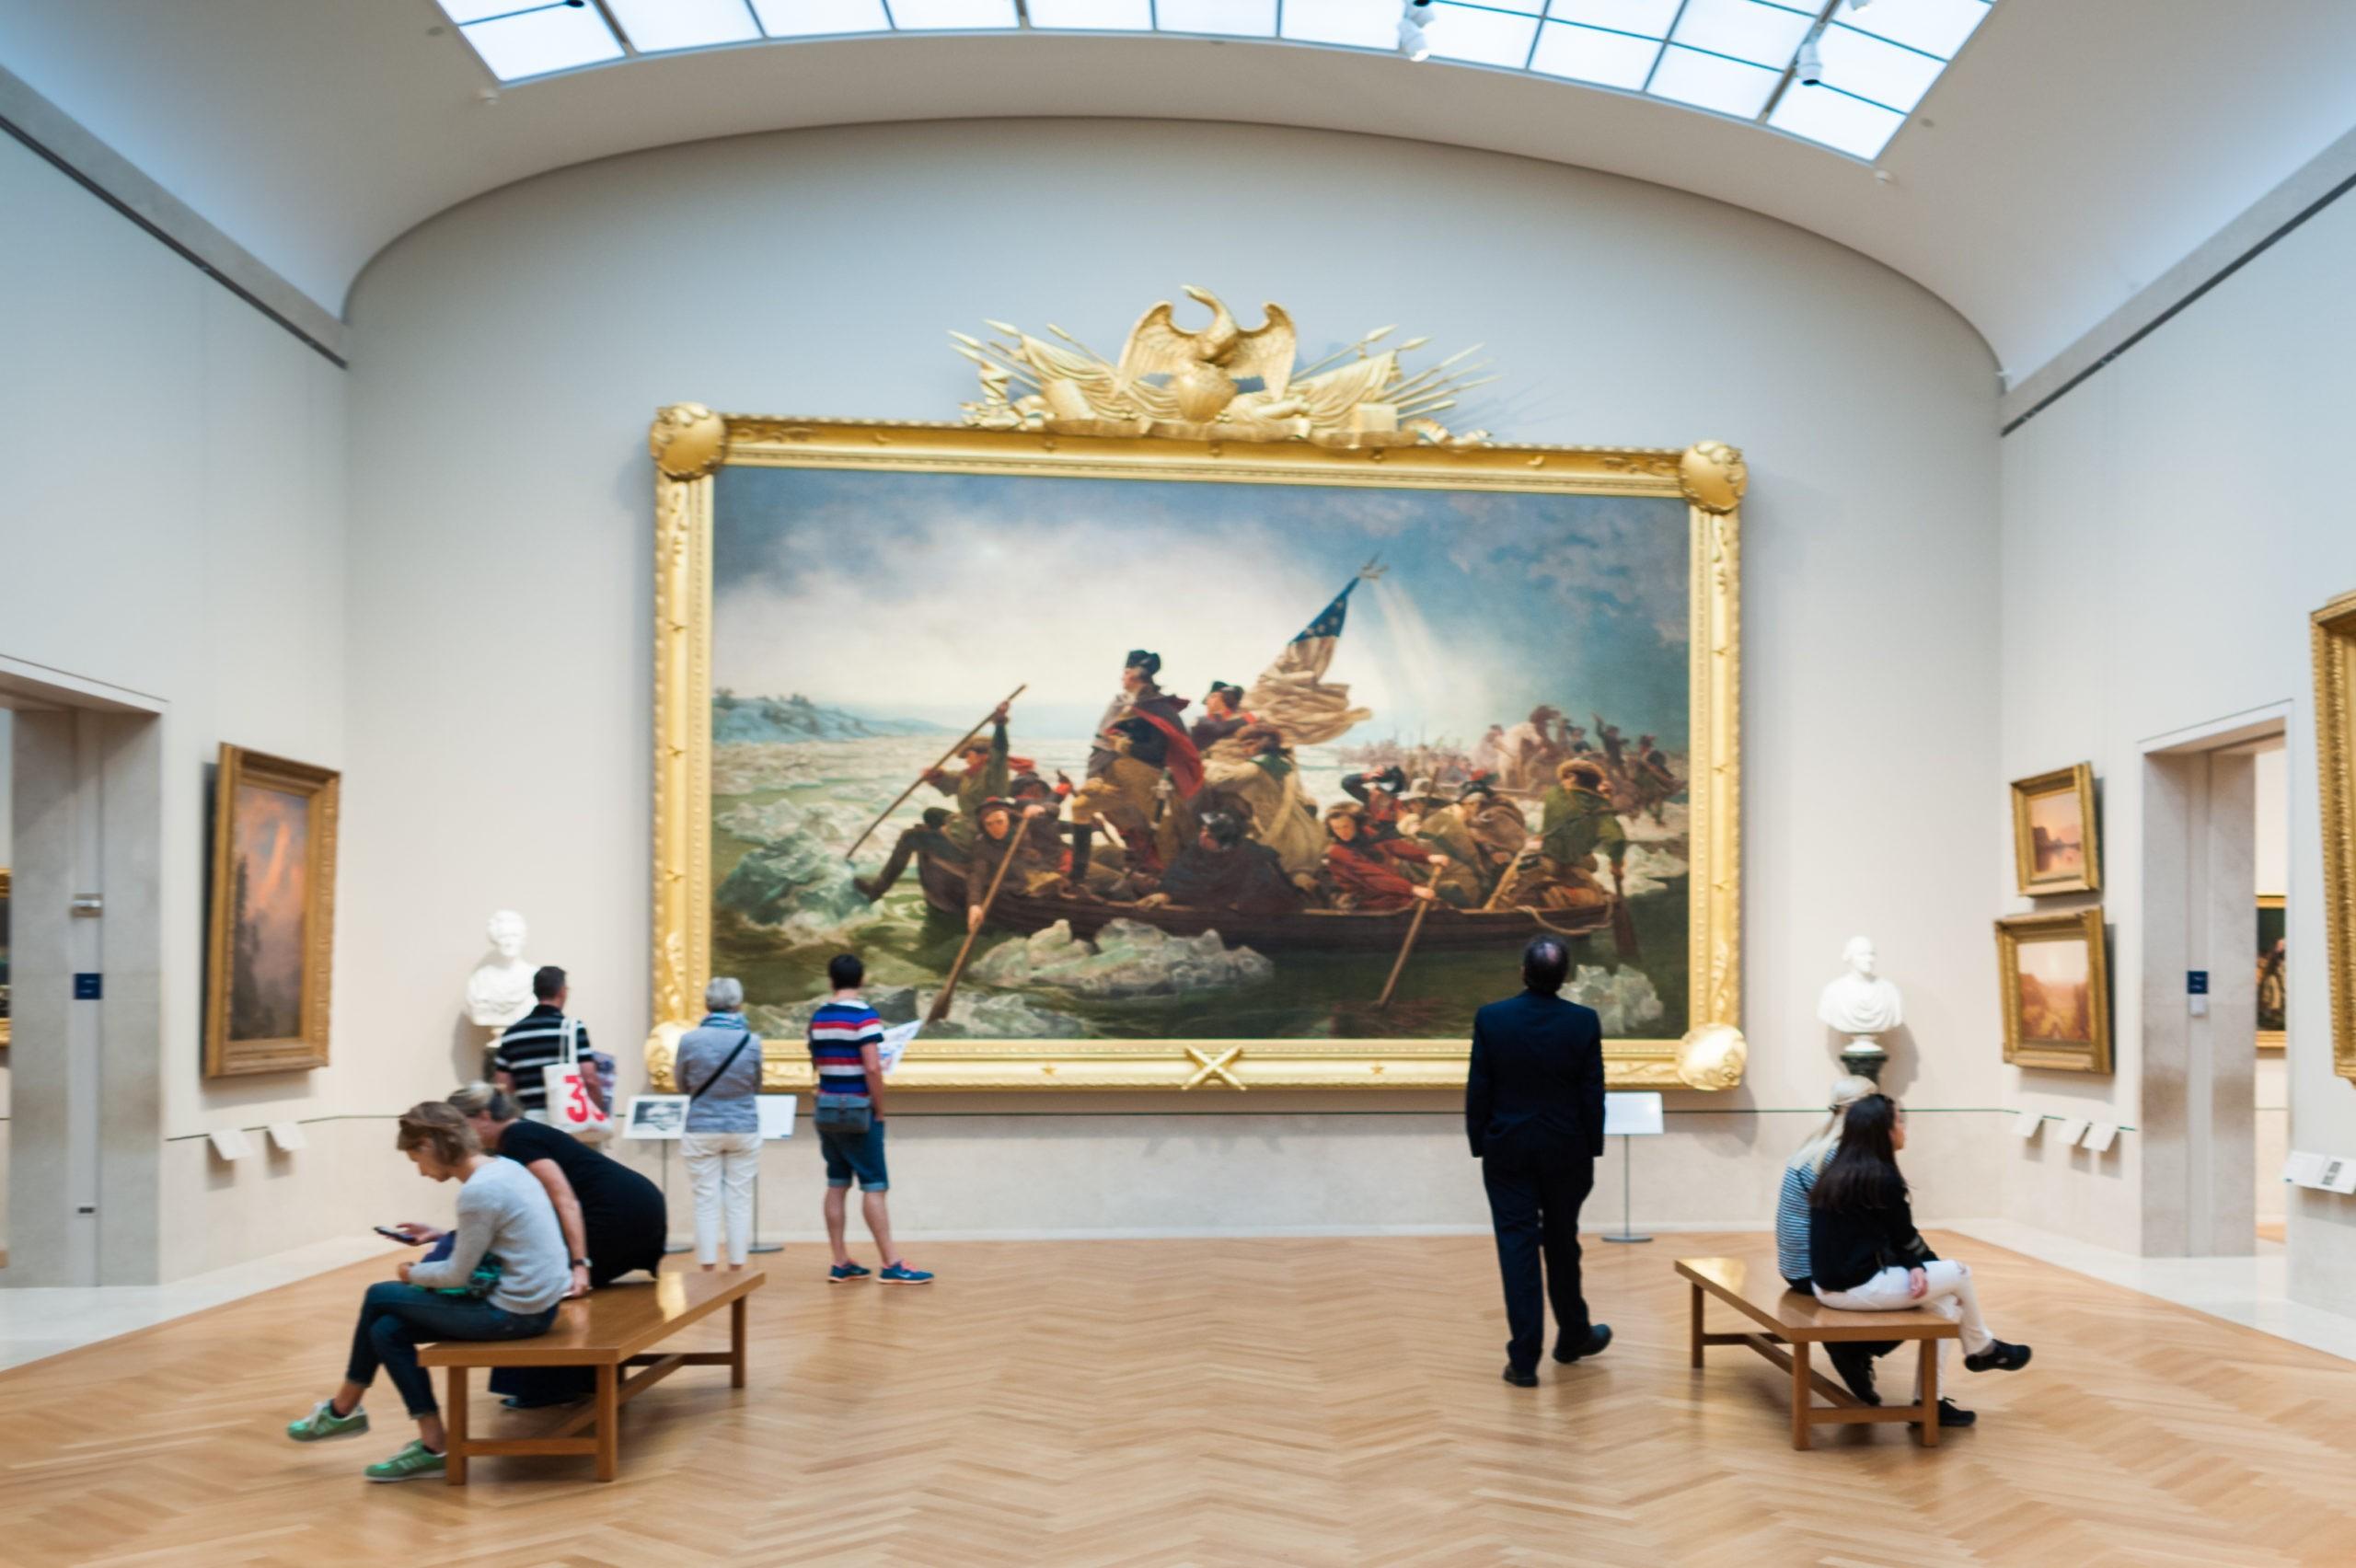 Metropolitan Museum of Art (the Met), największe muzeum sztuki w Stanach Zjednoczonych, licencja: shutterstock/By Anton_Ivanov